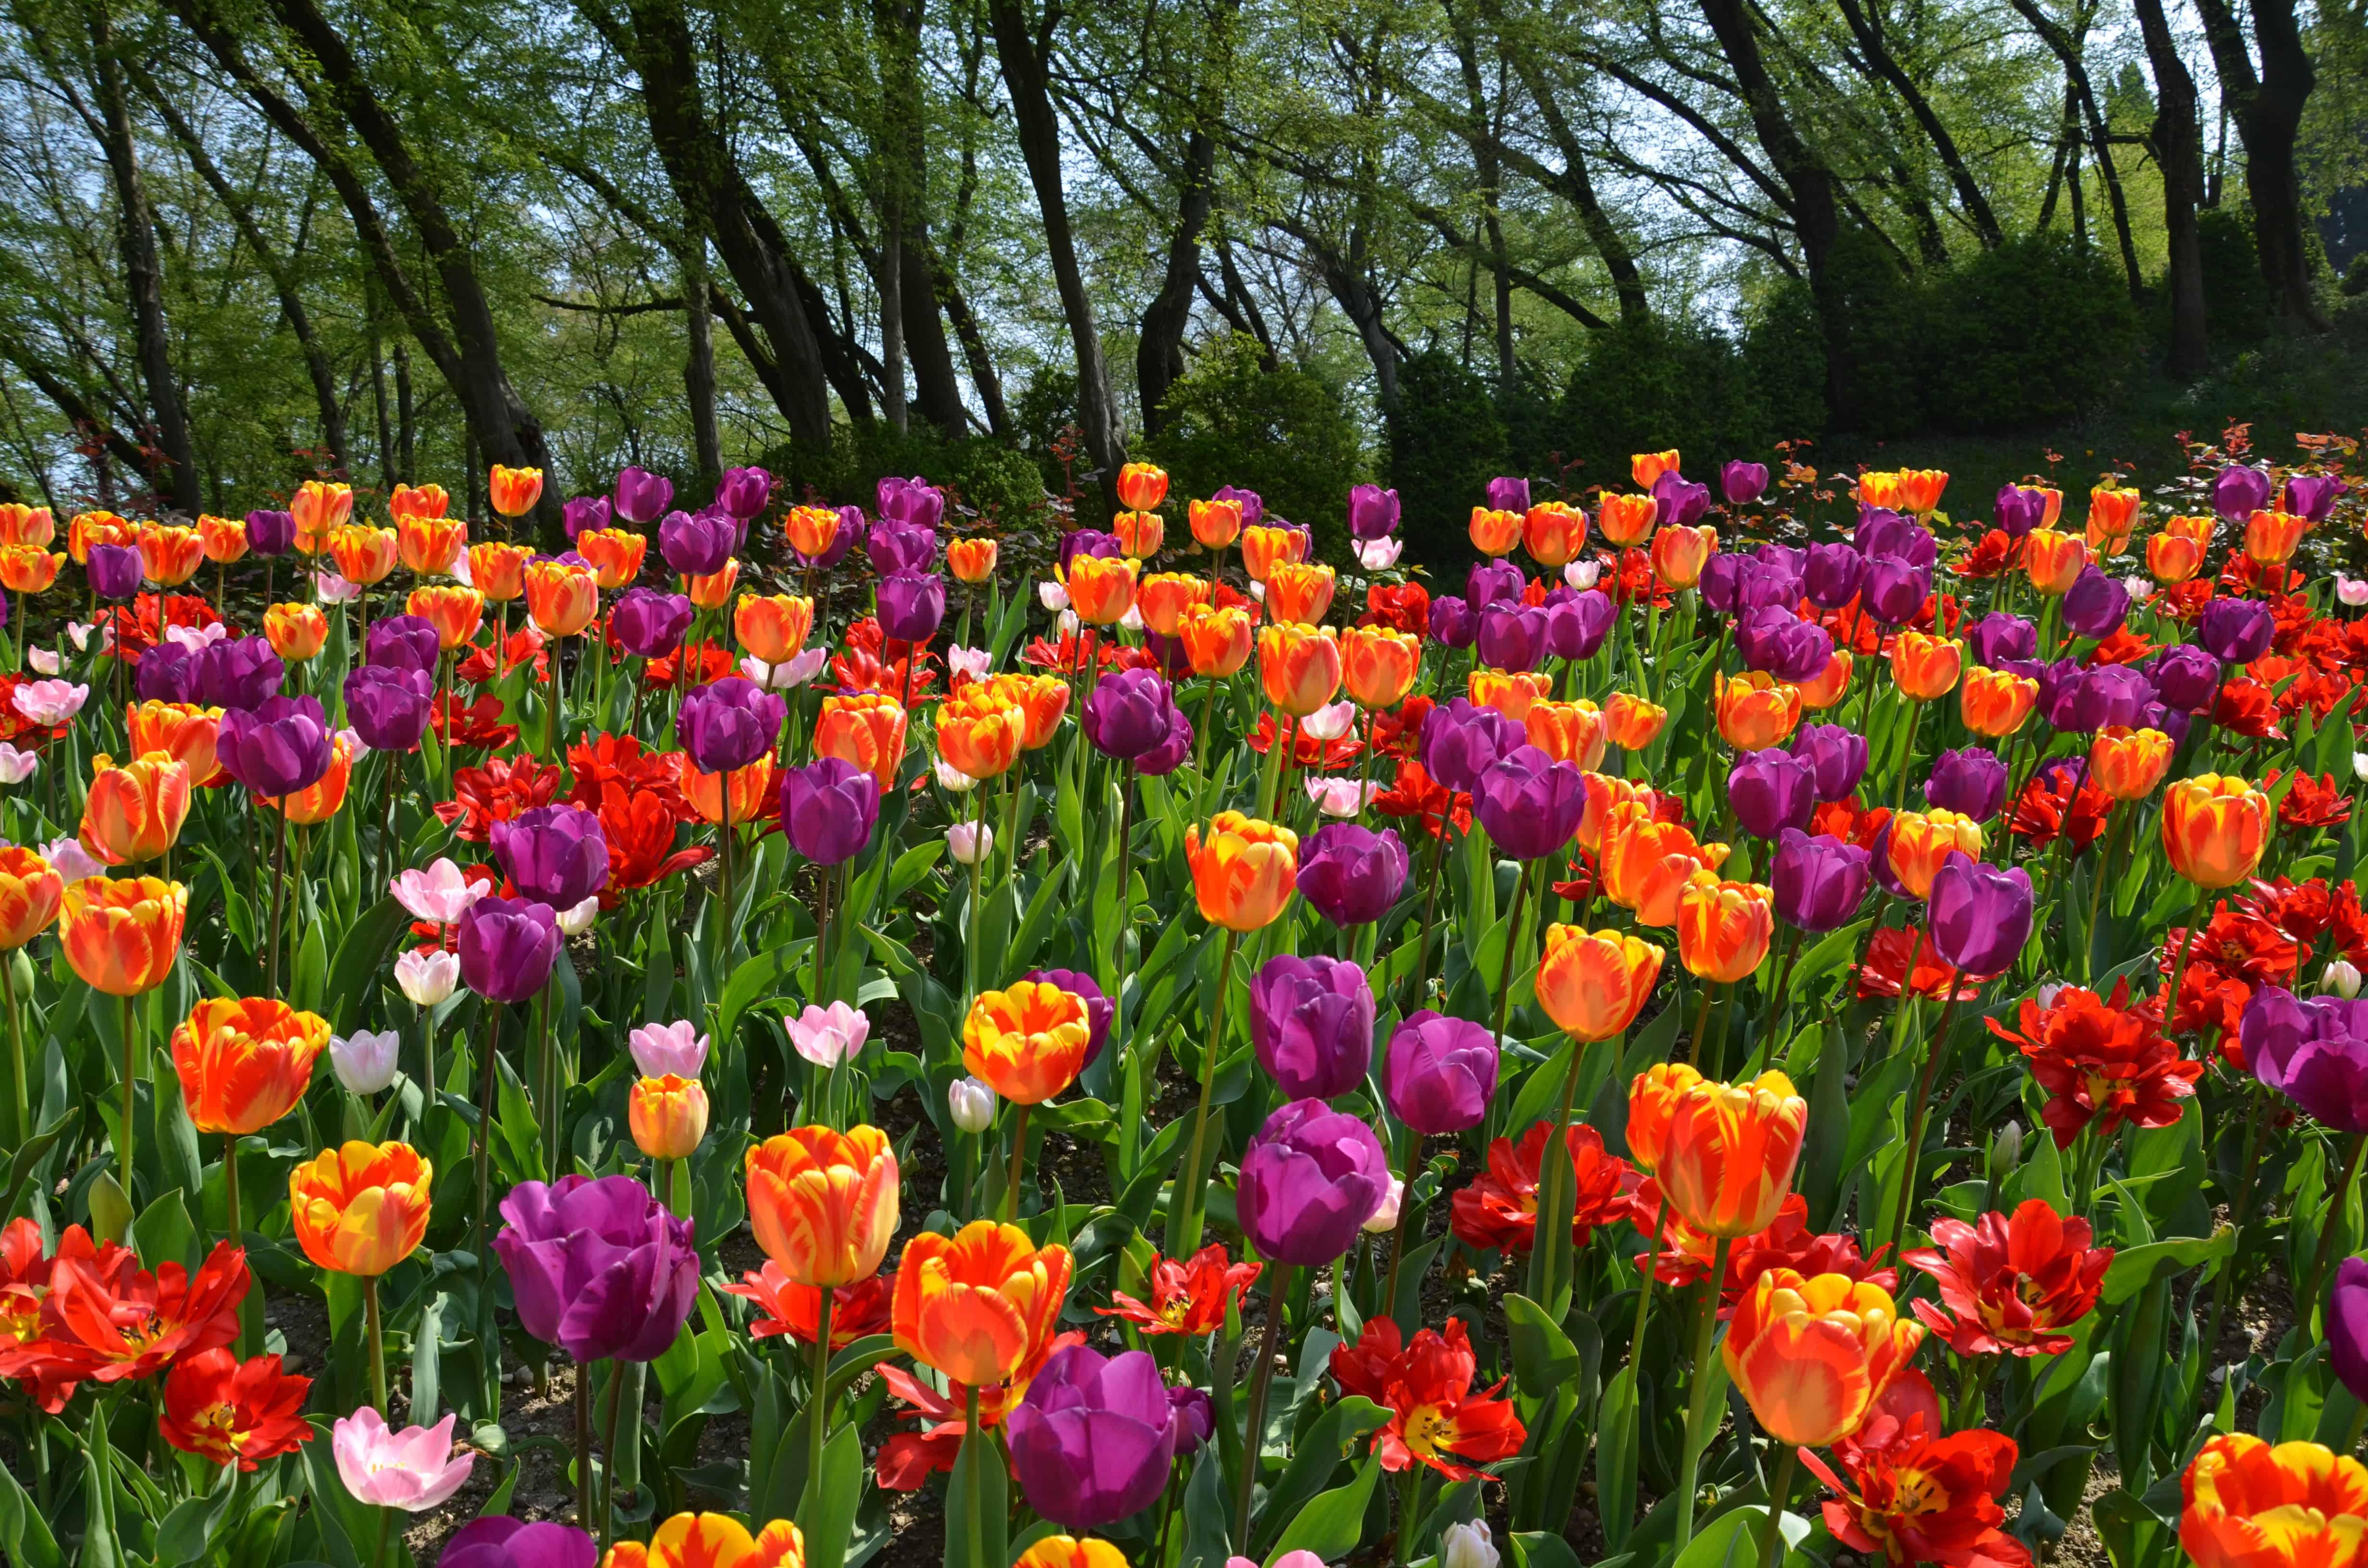 Tulipani wephoto il corso di fotografia a bologna - Parco giardino sigurta valeggio sul mincio vr ...